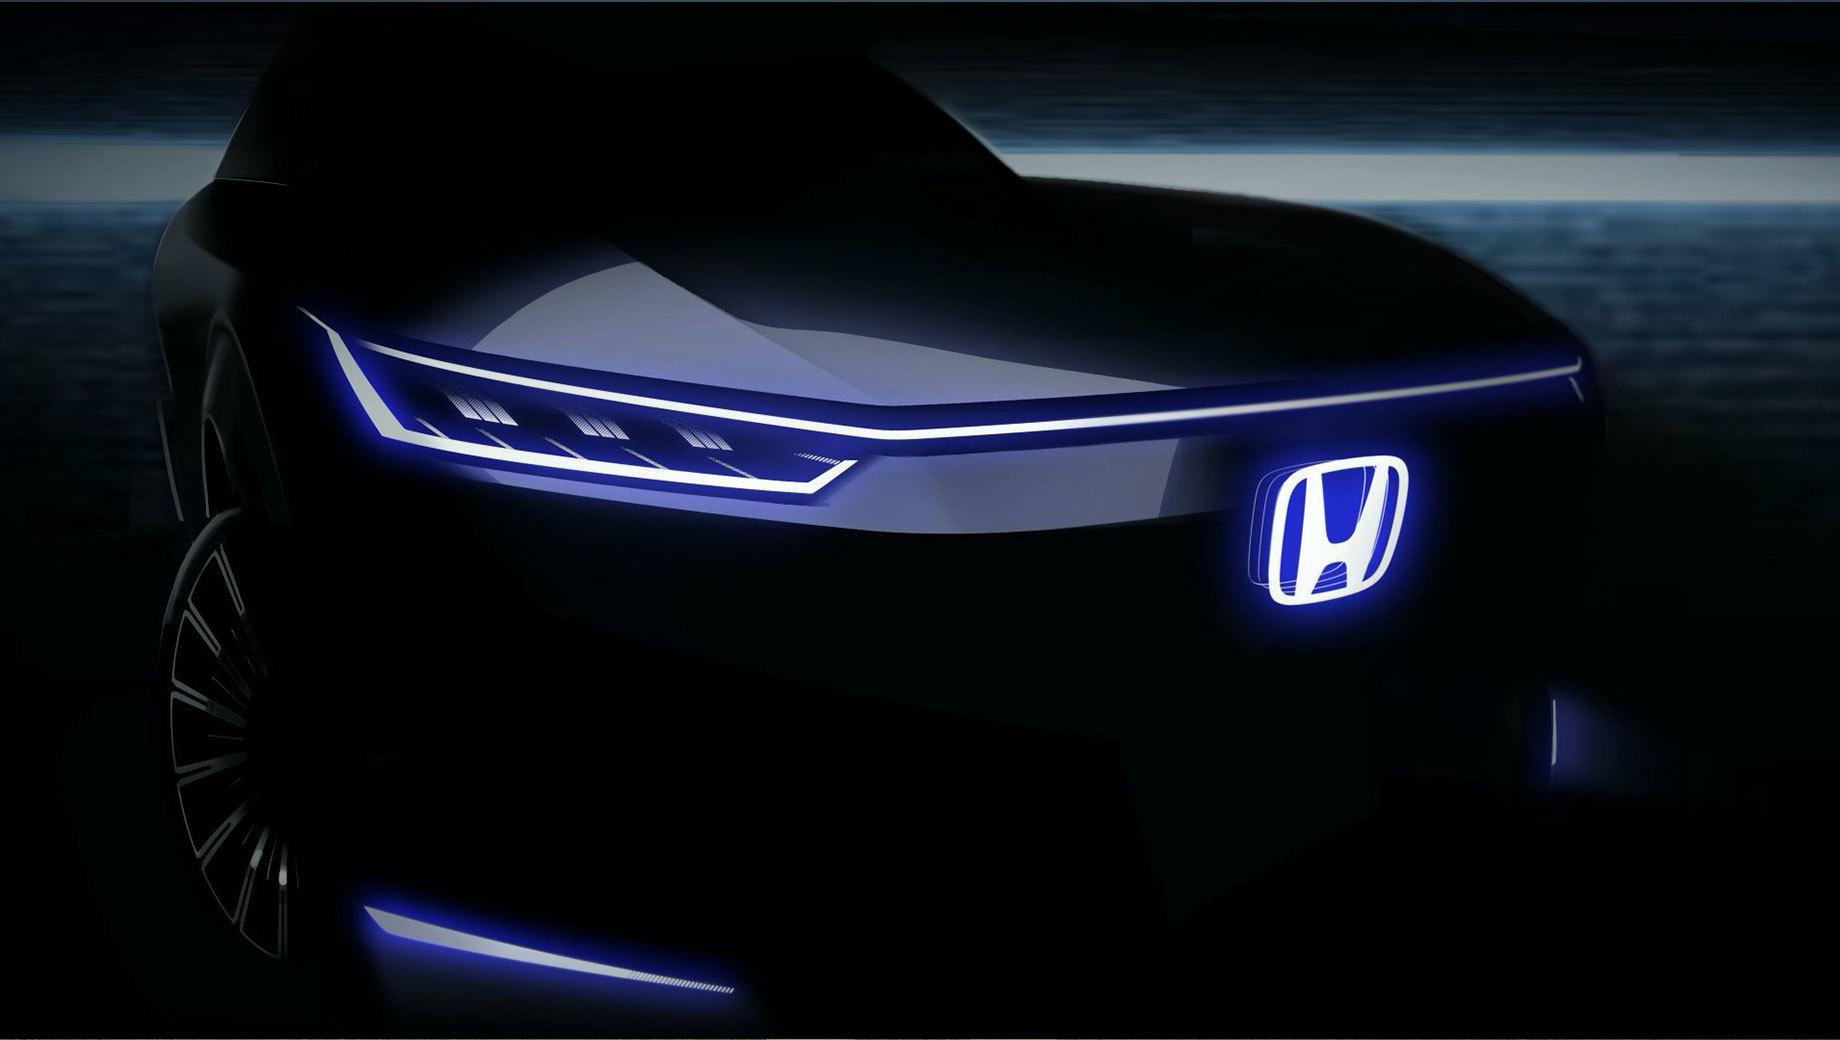 Honda concept,Honda hr-v. Единственный тизер говорит, что дизайн исполнен минимализма и агрессии, чем резко отличается от лупоглазой Хонды e. Видны округлые колёсные арки, светодиодная оптика и подсвеченный логотип. Кстати, спорткупе Honda Sports EV закончилось ничем, хотя мелькало на патентных рисунках.